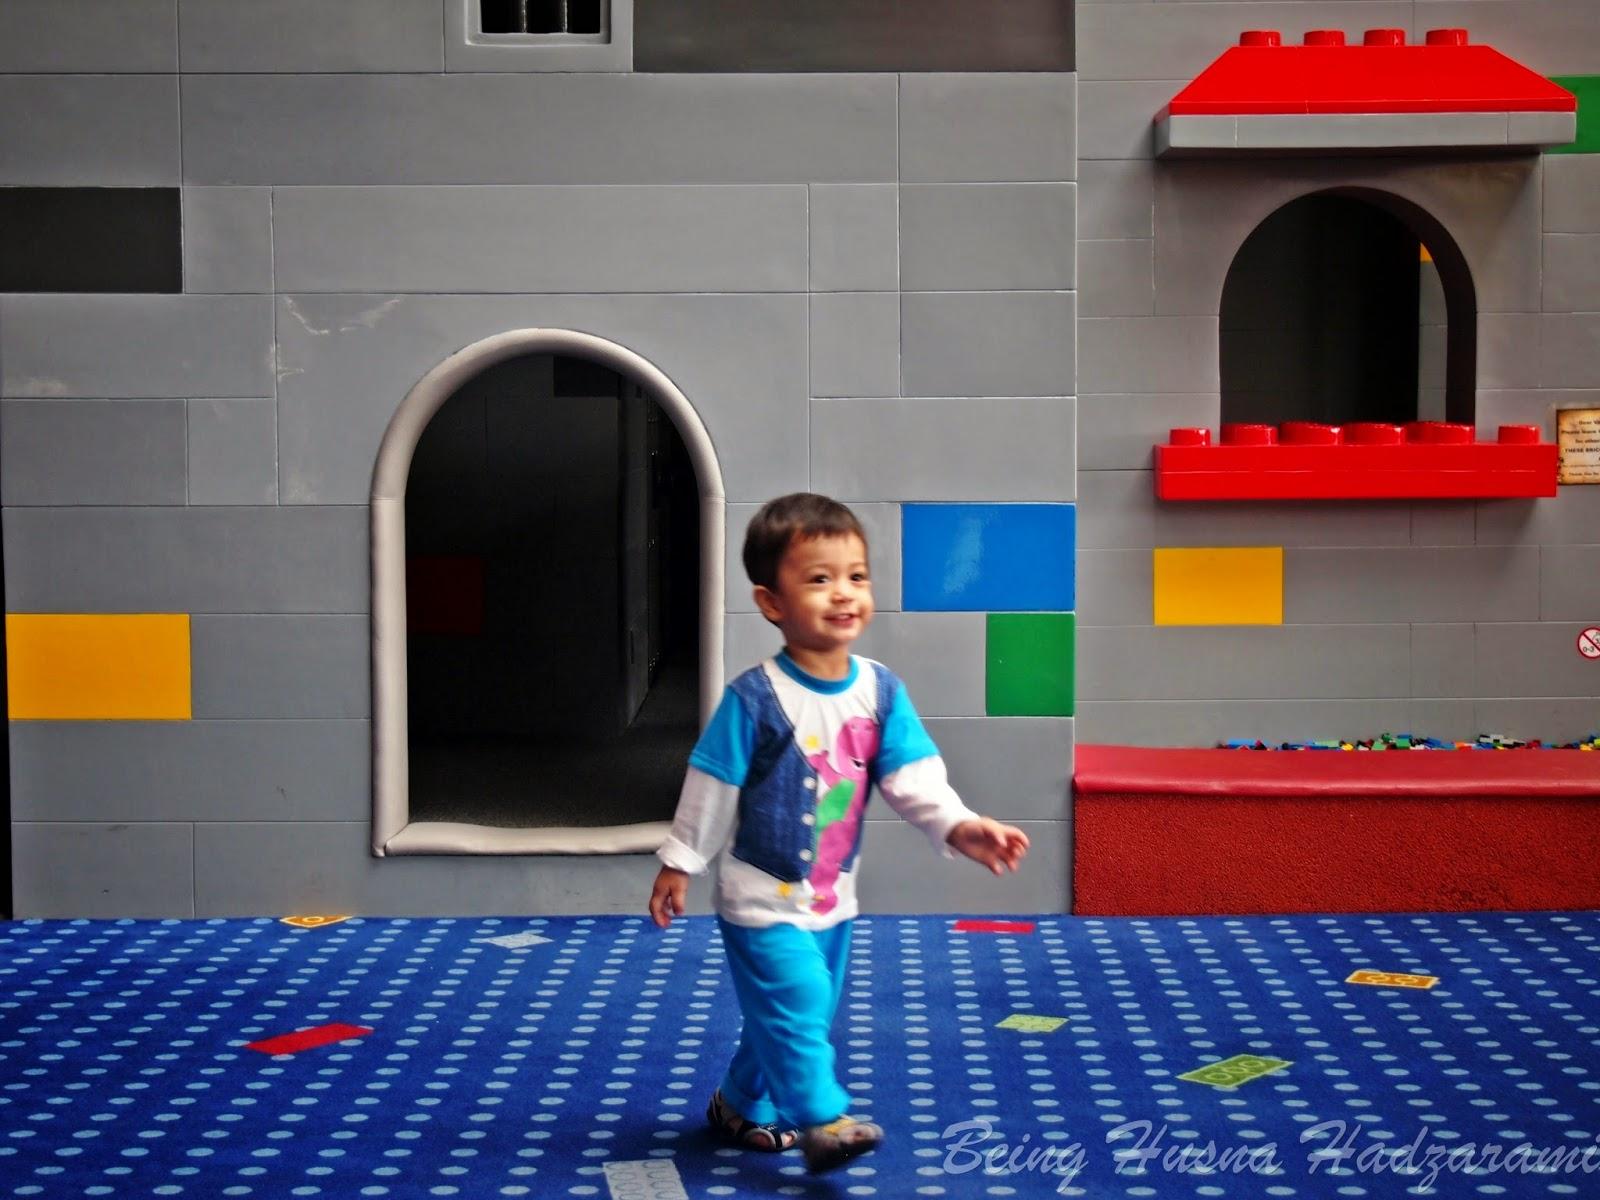 Untunglaaahh bawa adik ipar boleh tolong bawa anak anak pergi main